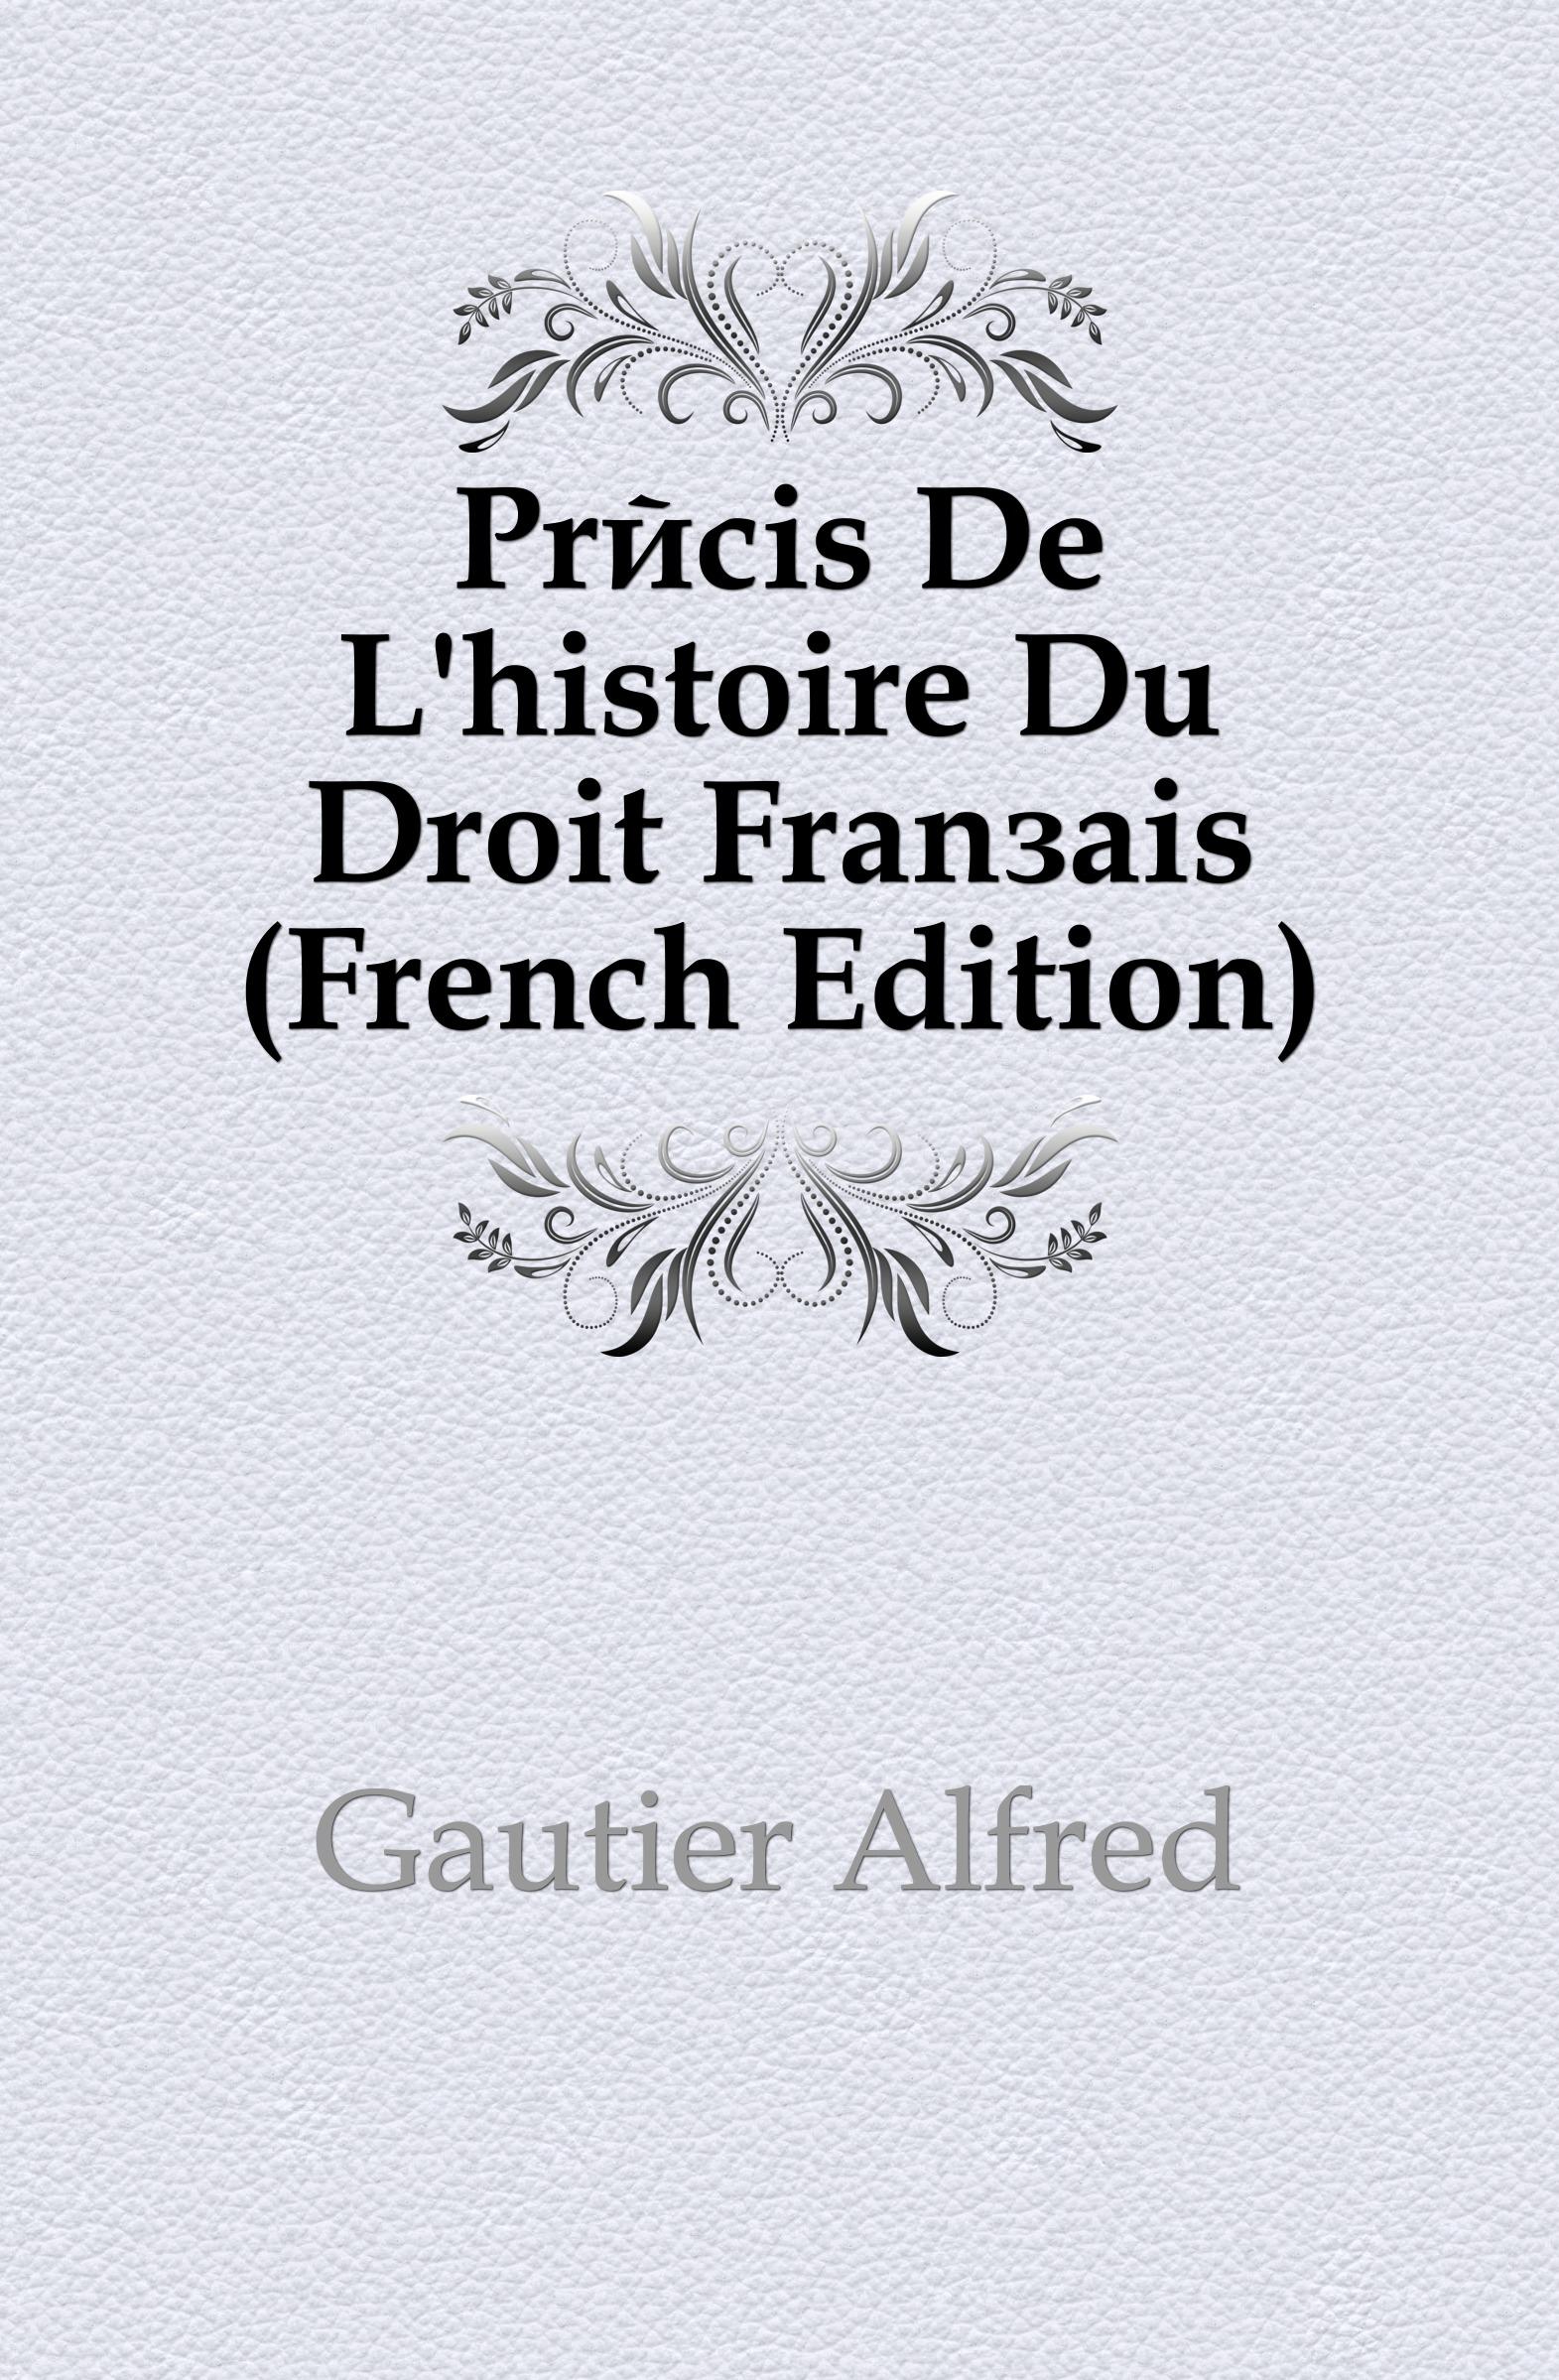 Gautier Alfred Precis De L.histoire Du Droit Francais (French Edition) marcel moye precis elementaire de droit public francais